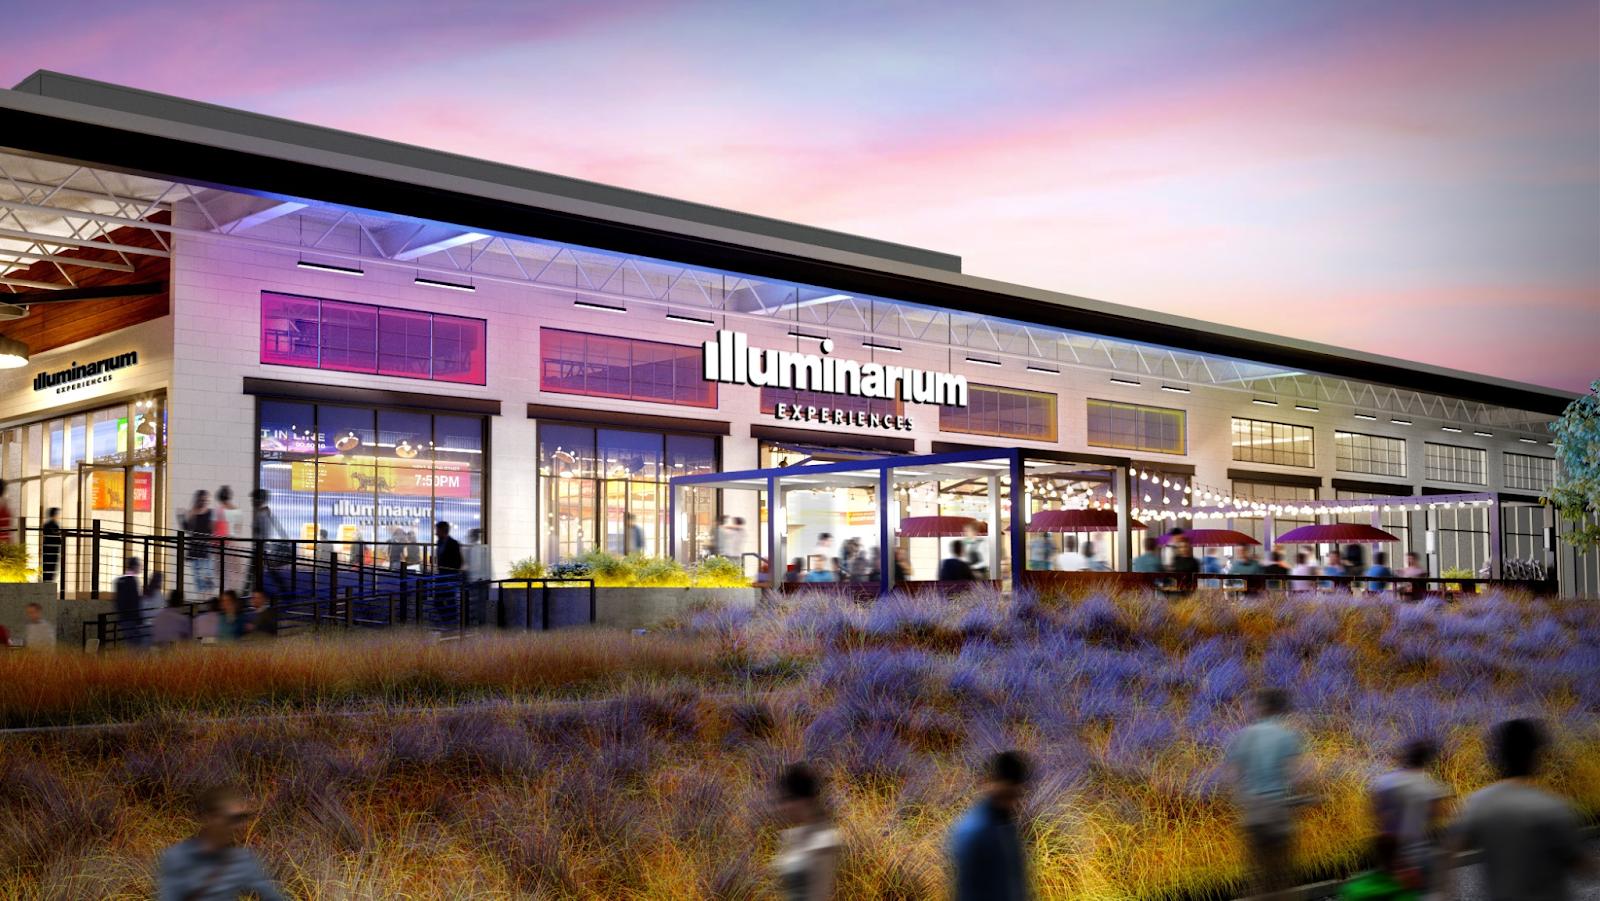 Illuminarium Experiences building